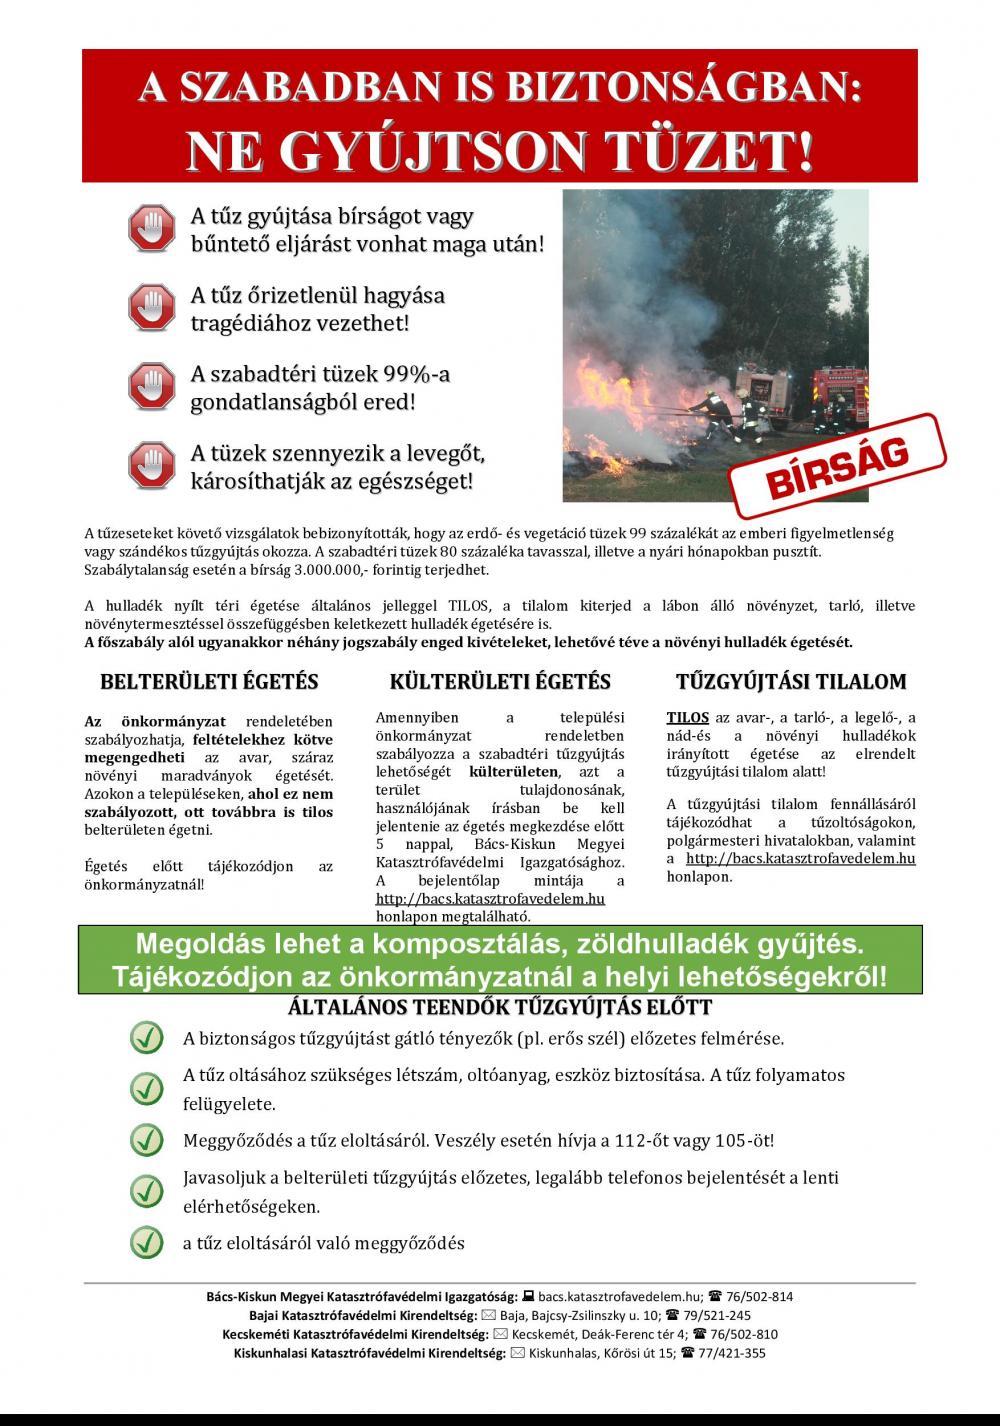 A szabadban is biztonságban: Ne gyújtson tüzet!